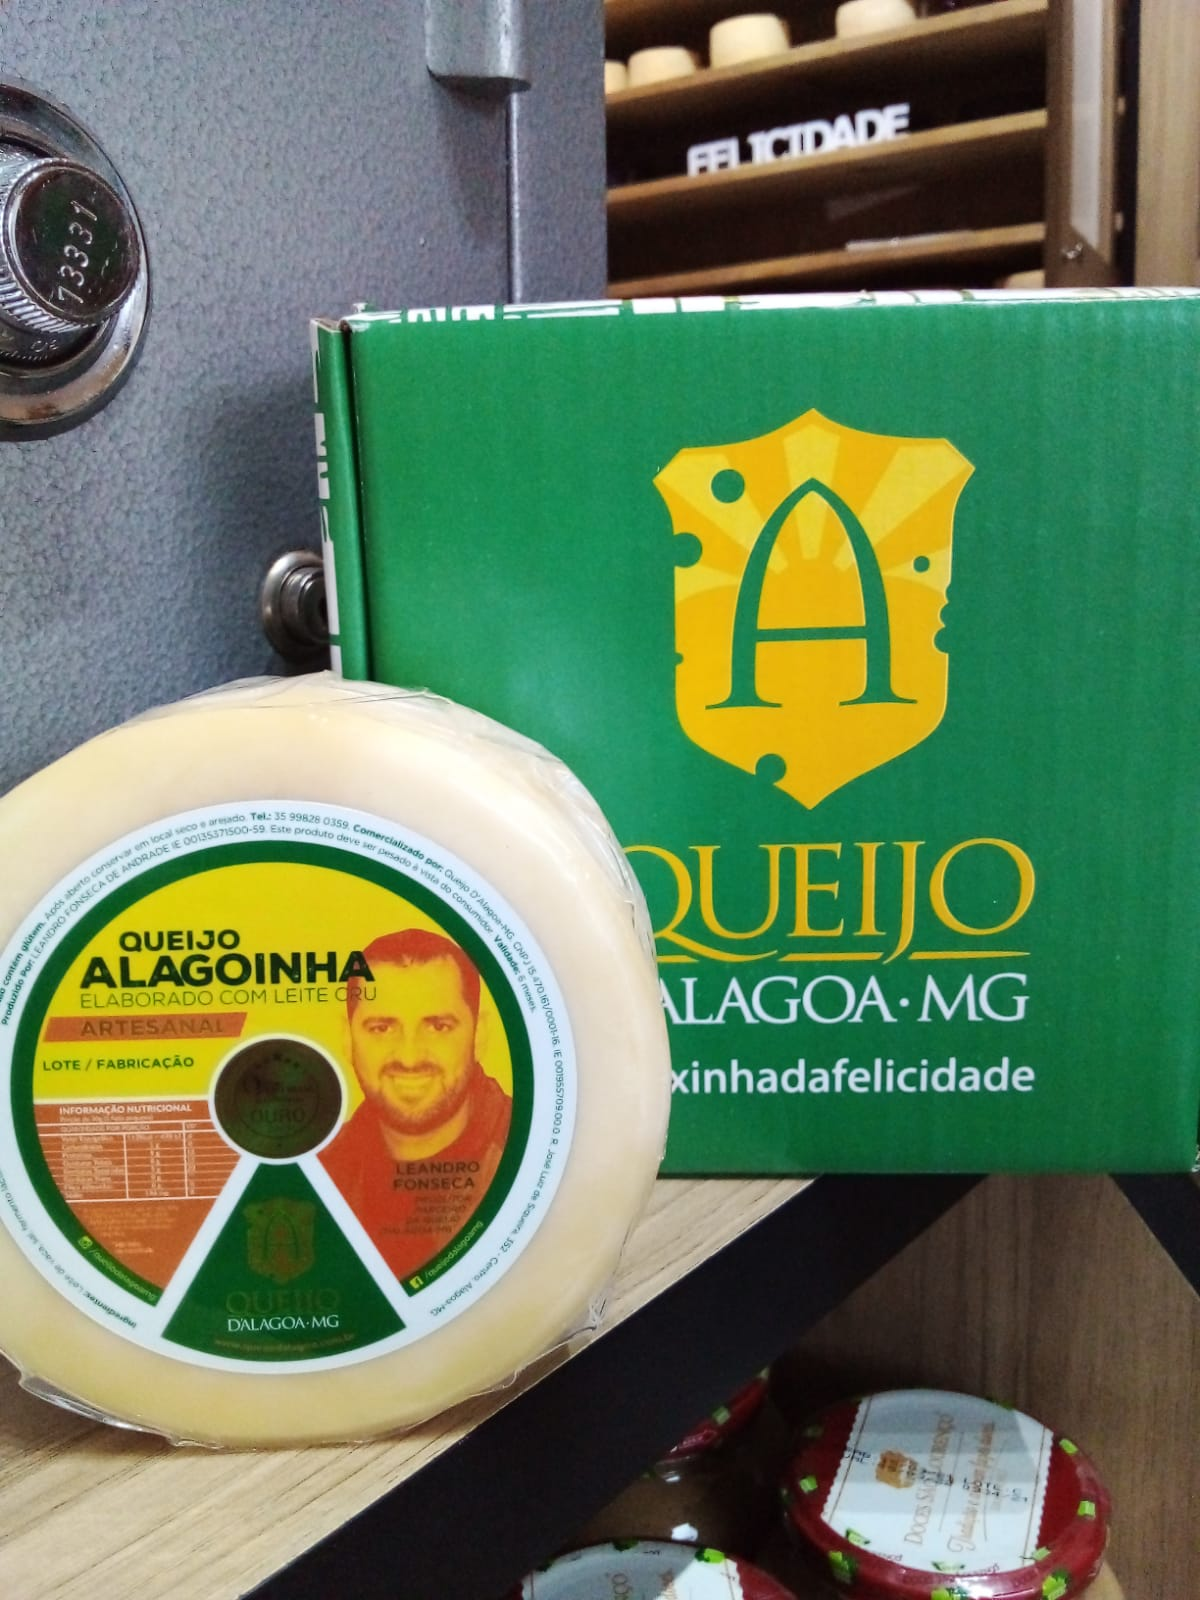 Queijo Artesanal Alagoinha - Medalha do Ouro no V Prêmio Queijo Brasil! Queijo d'Alagoa-MG